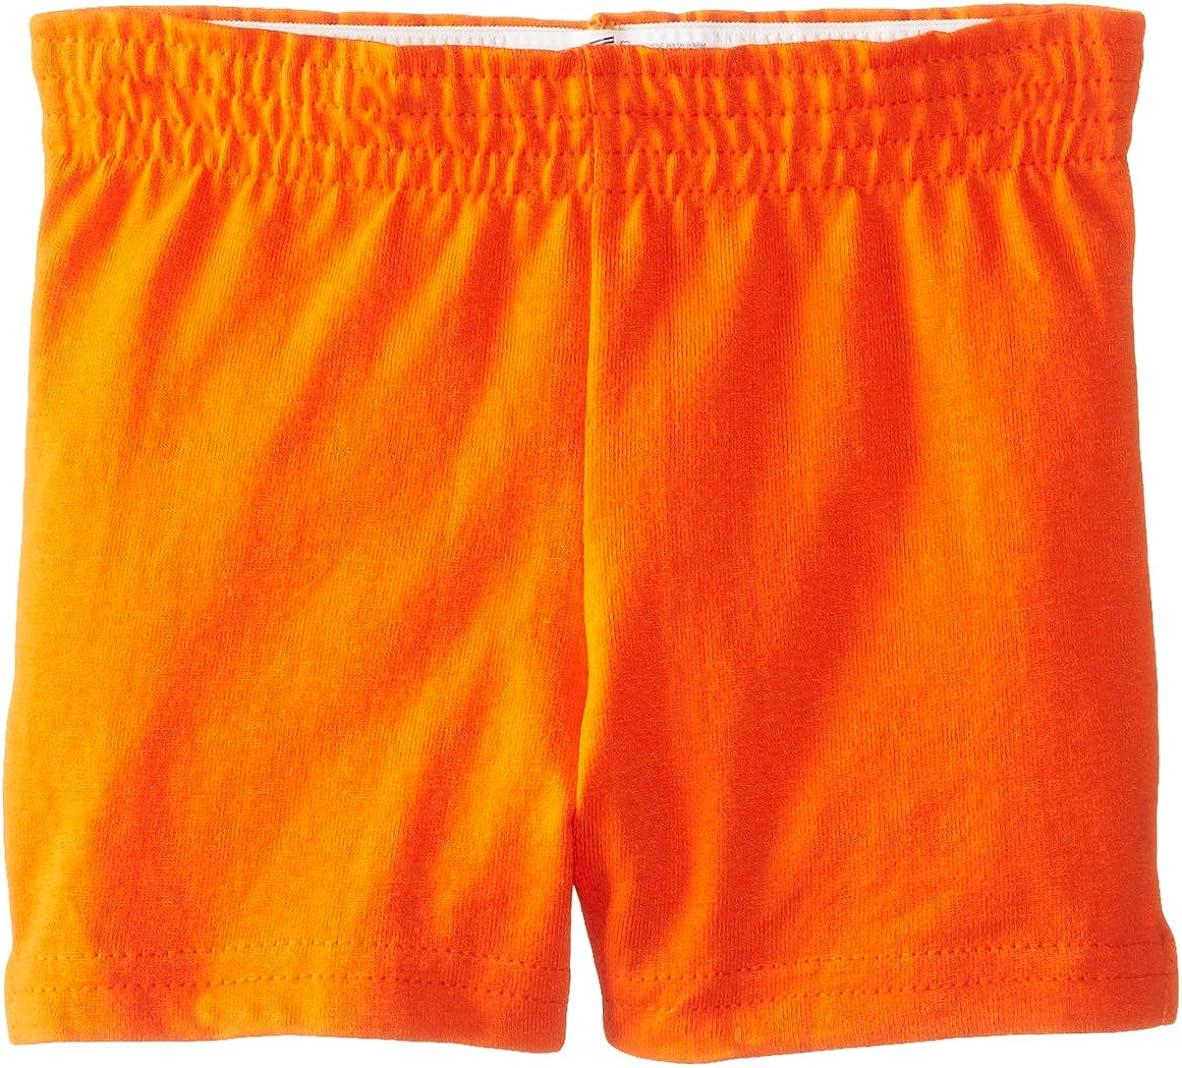 SOFFE Juniors Authentic Short